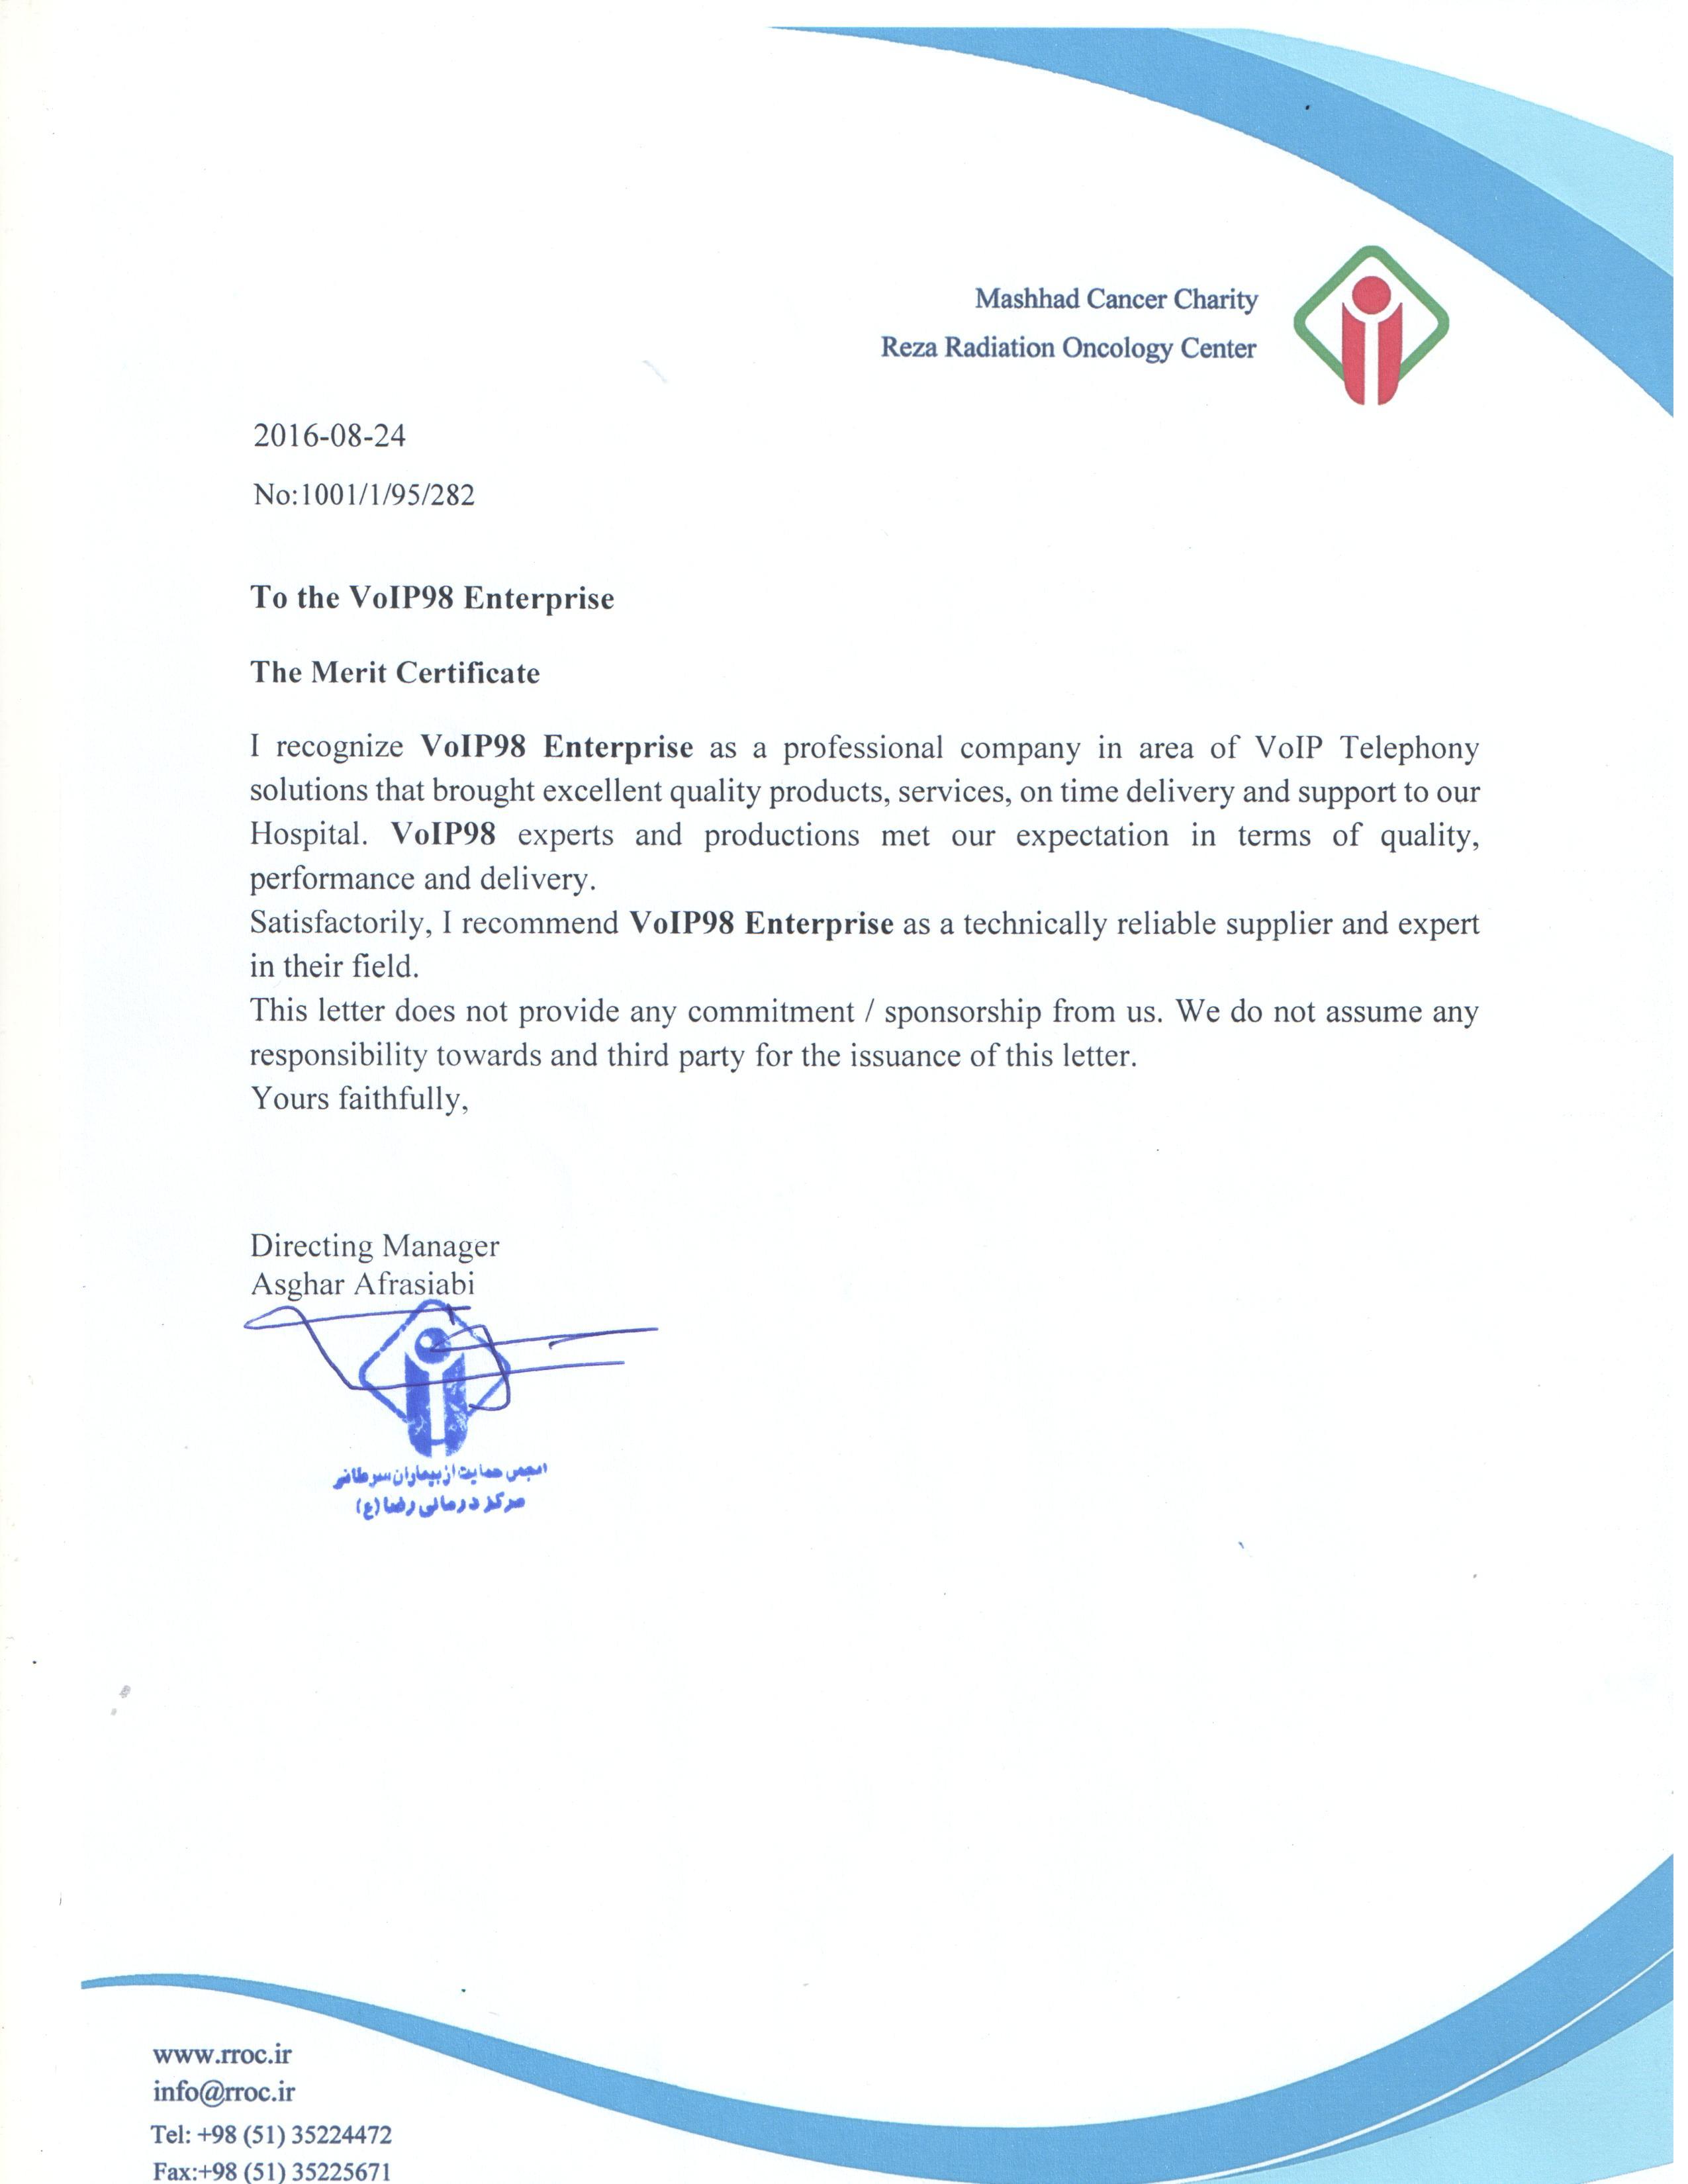 مرکز تخصصی رادیوتراپی انکولوژی رضا (ع)